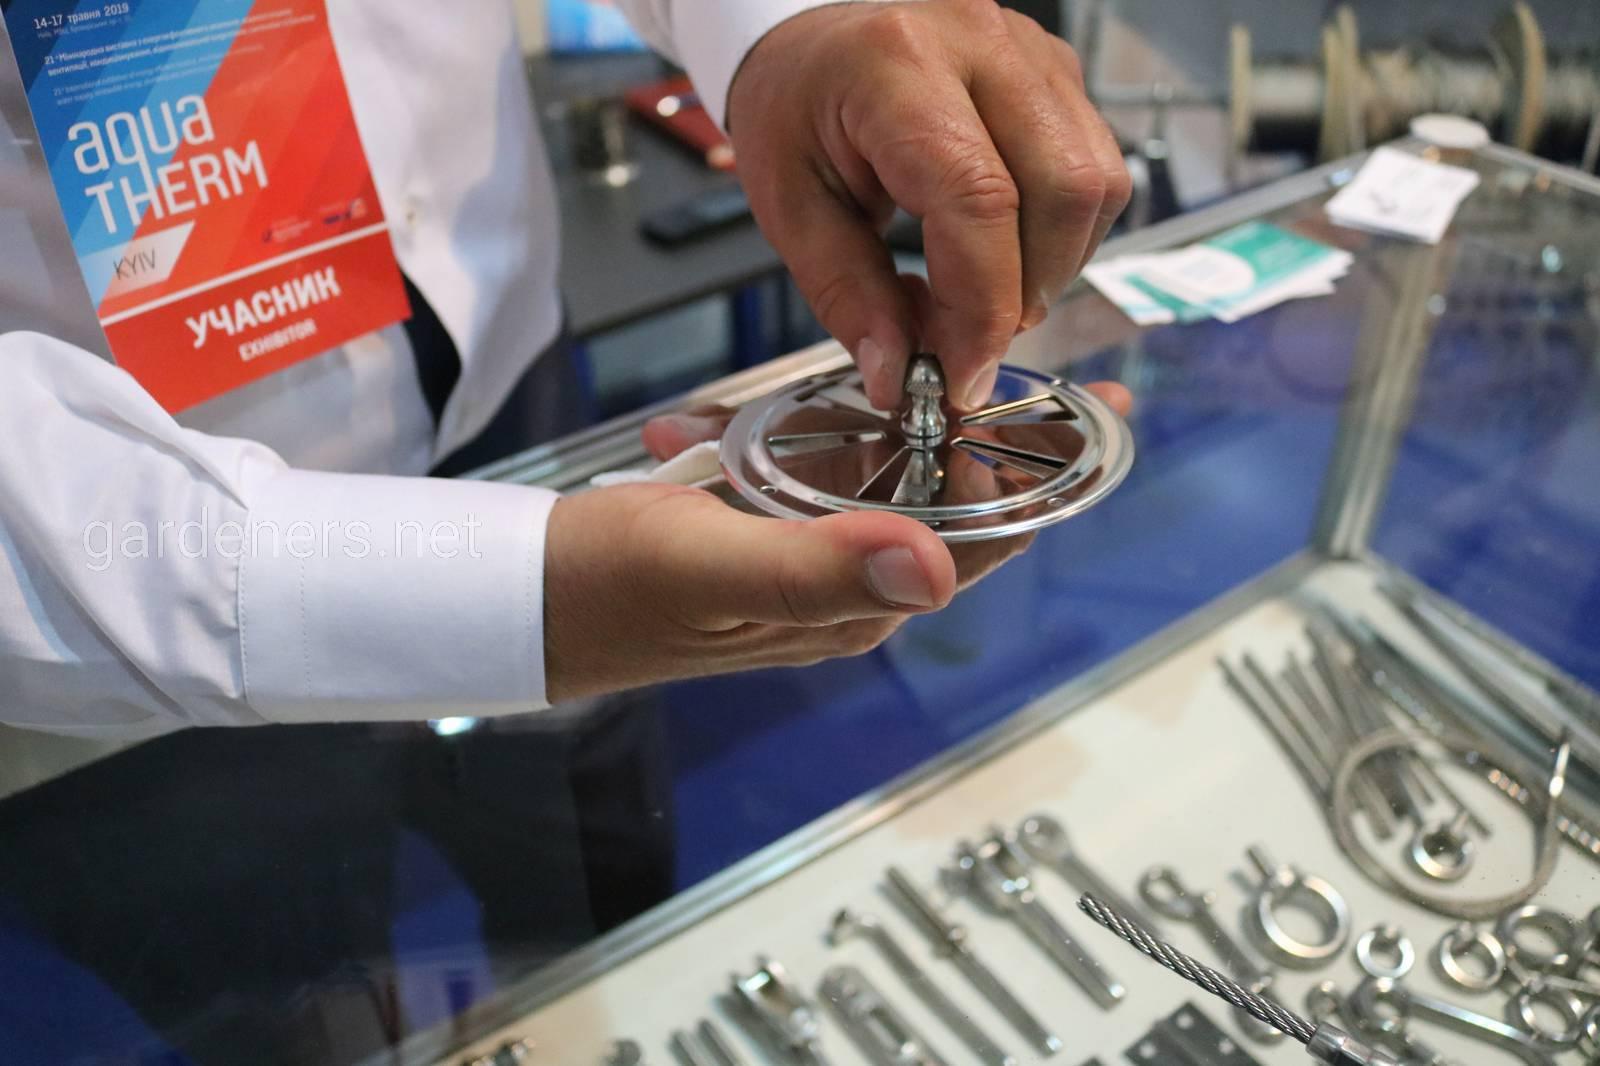 Тросы, цепи, карабин, вентиляционные решетки, кольца, петли напоминаем изделия из нержавеющей стали..JPG